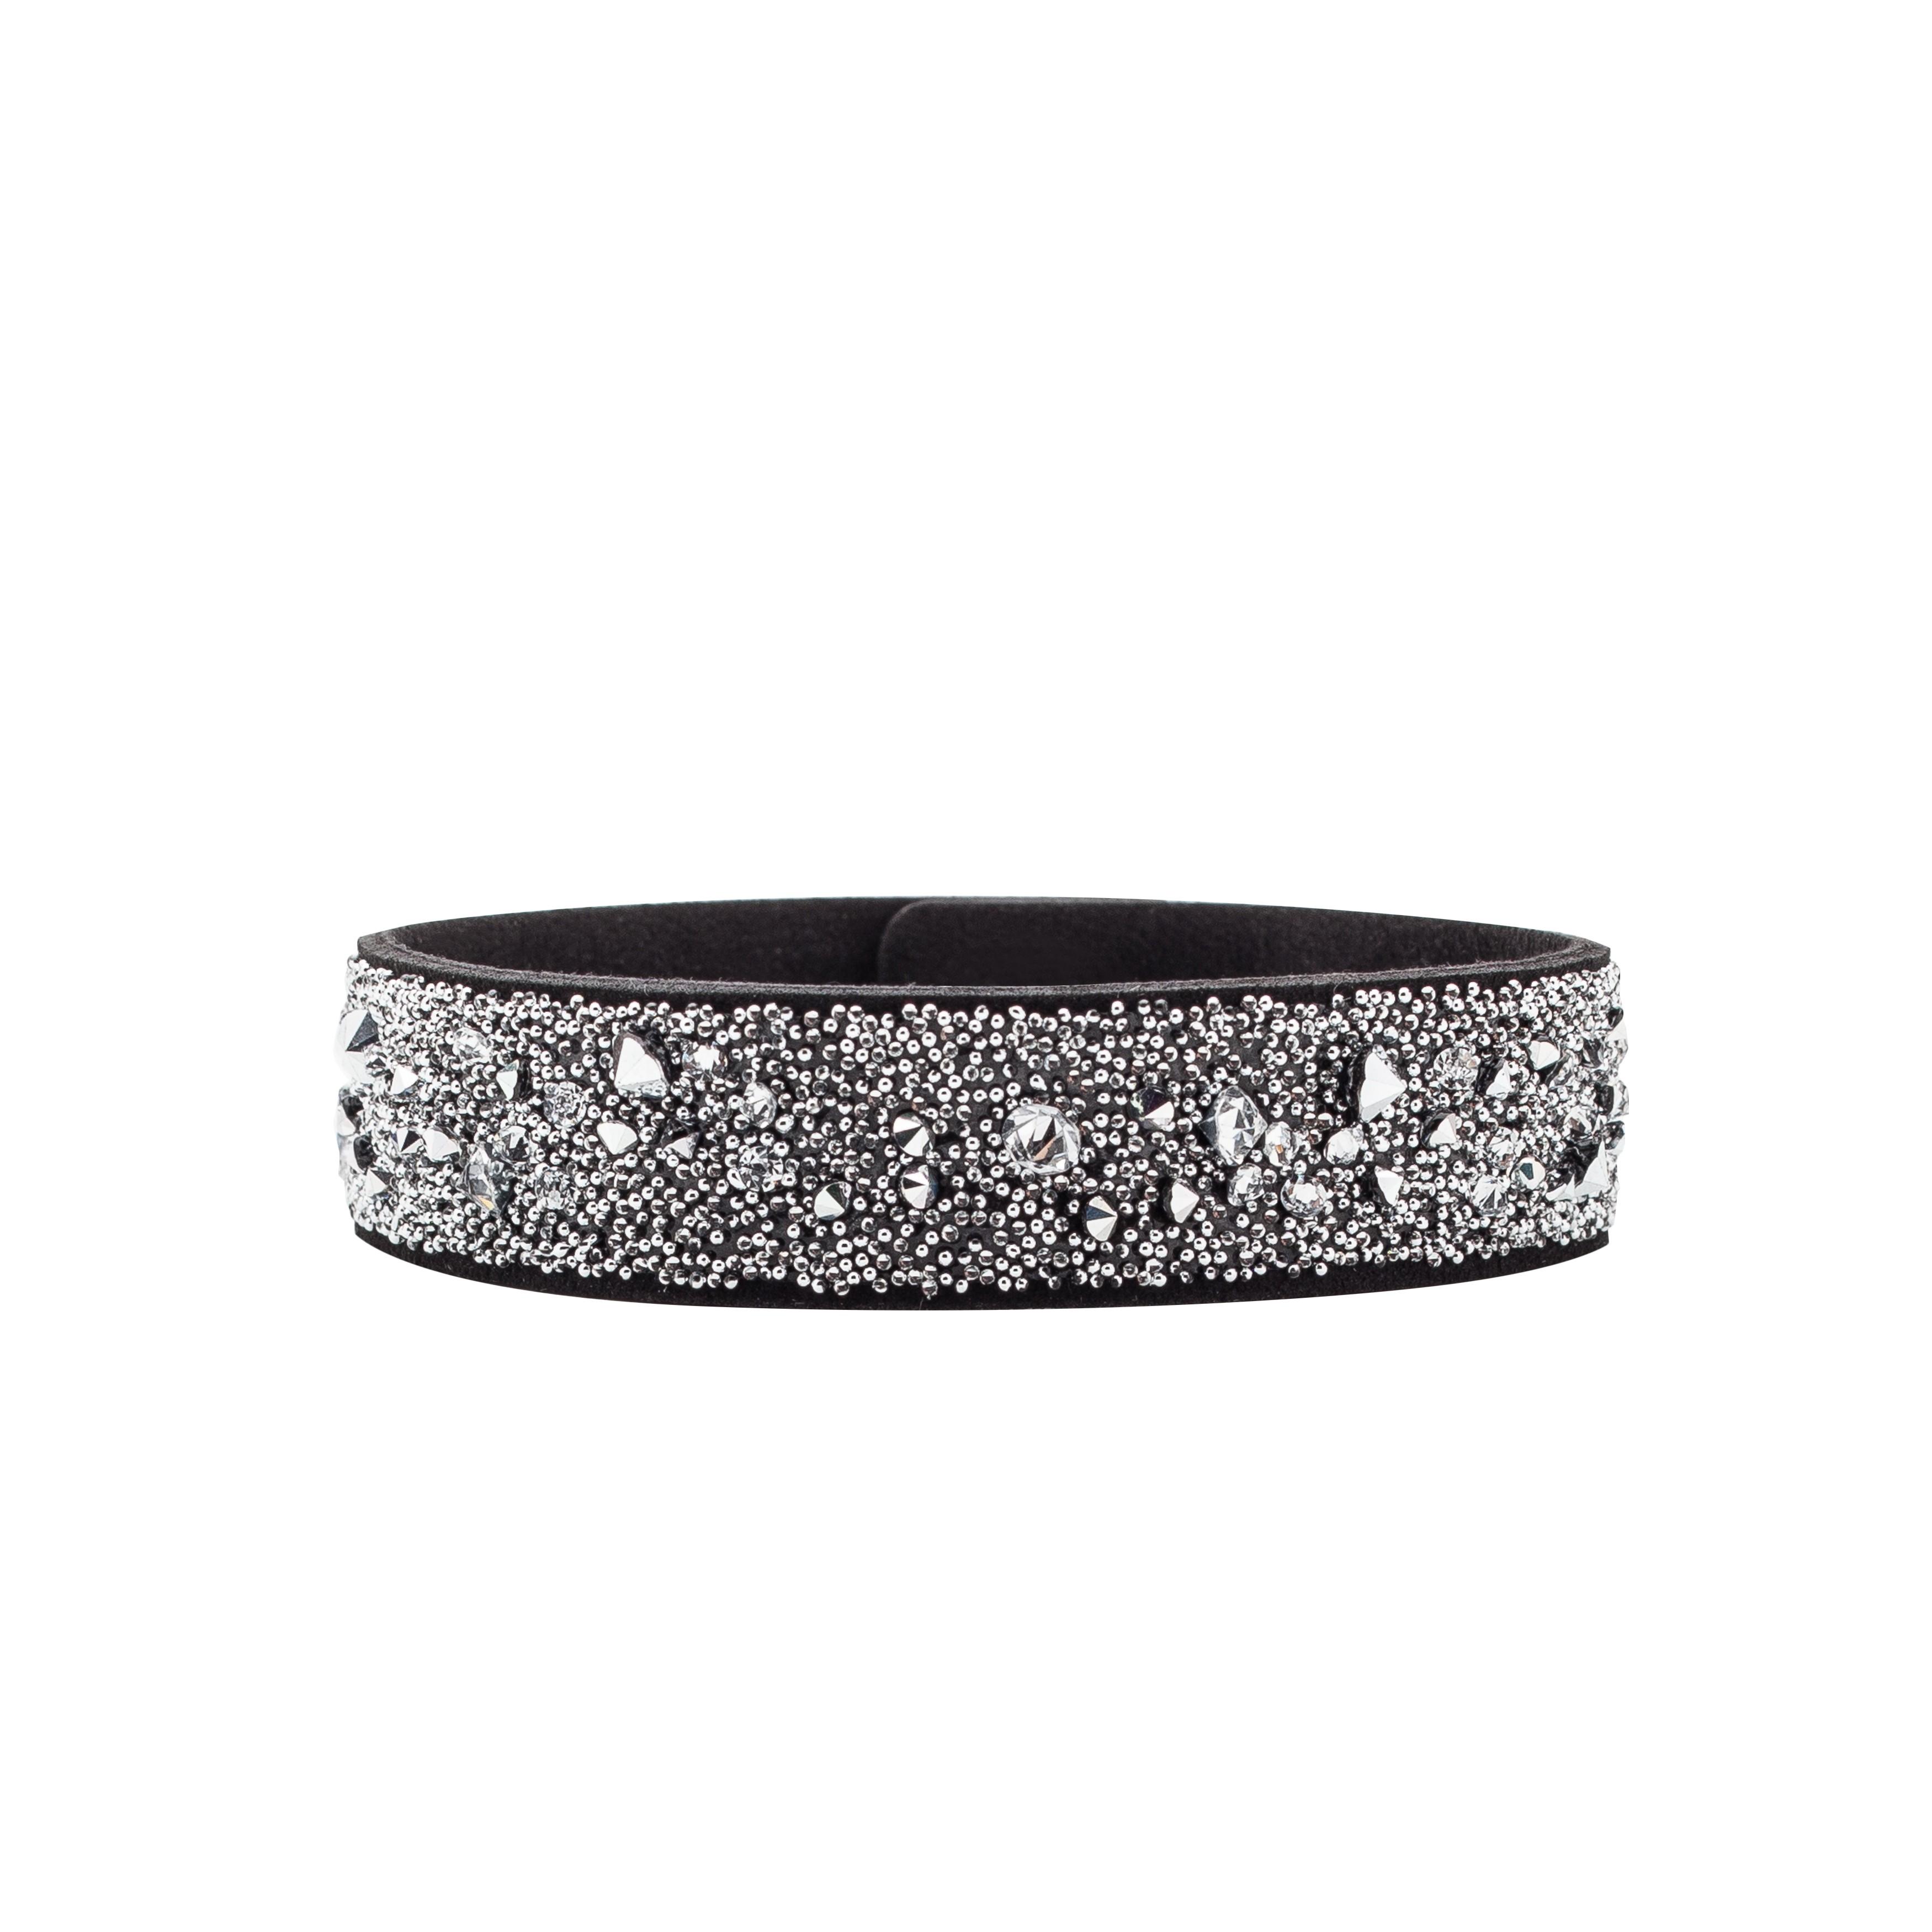 Italian Alcantara bracelet with swarovski stones - MODEL 1